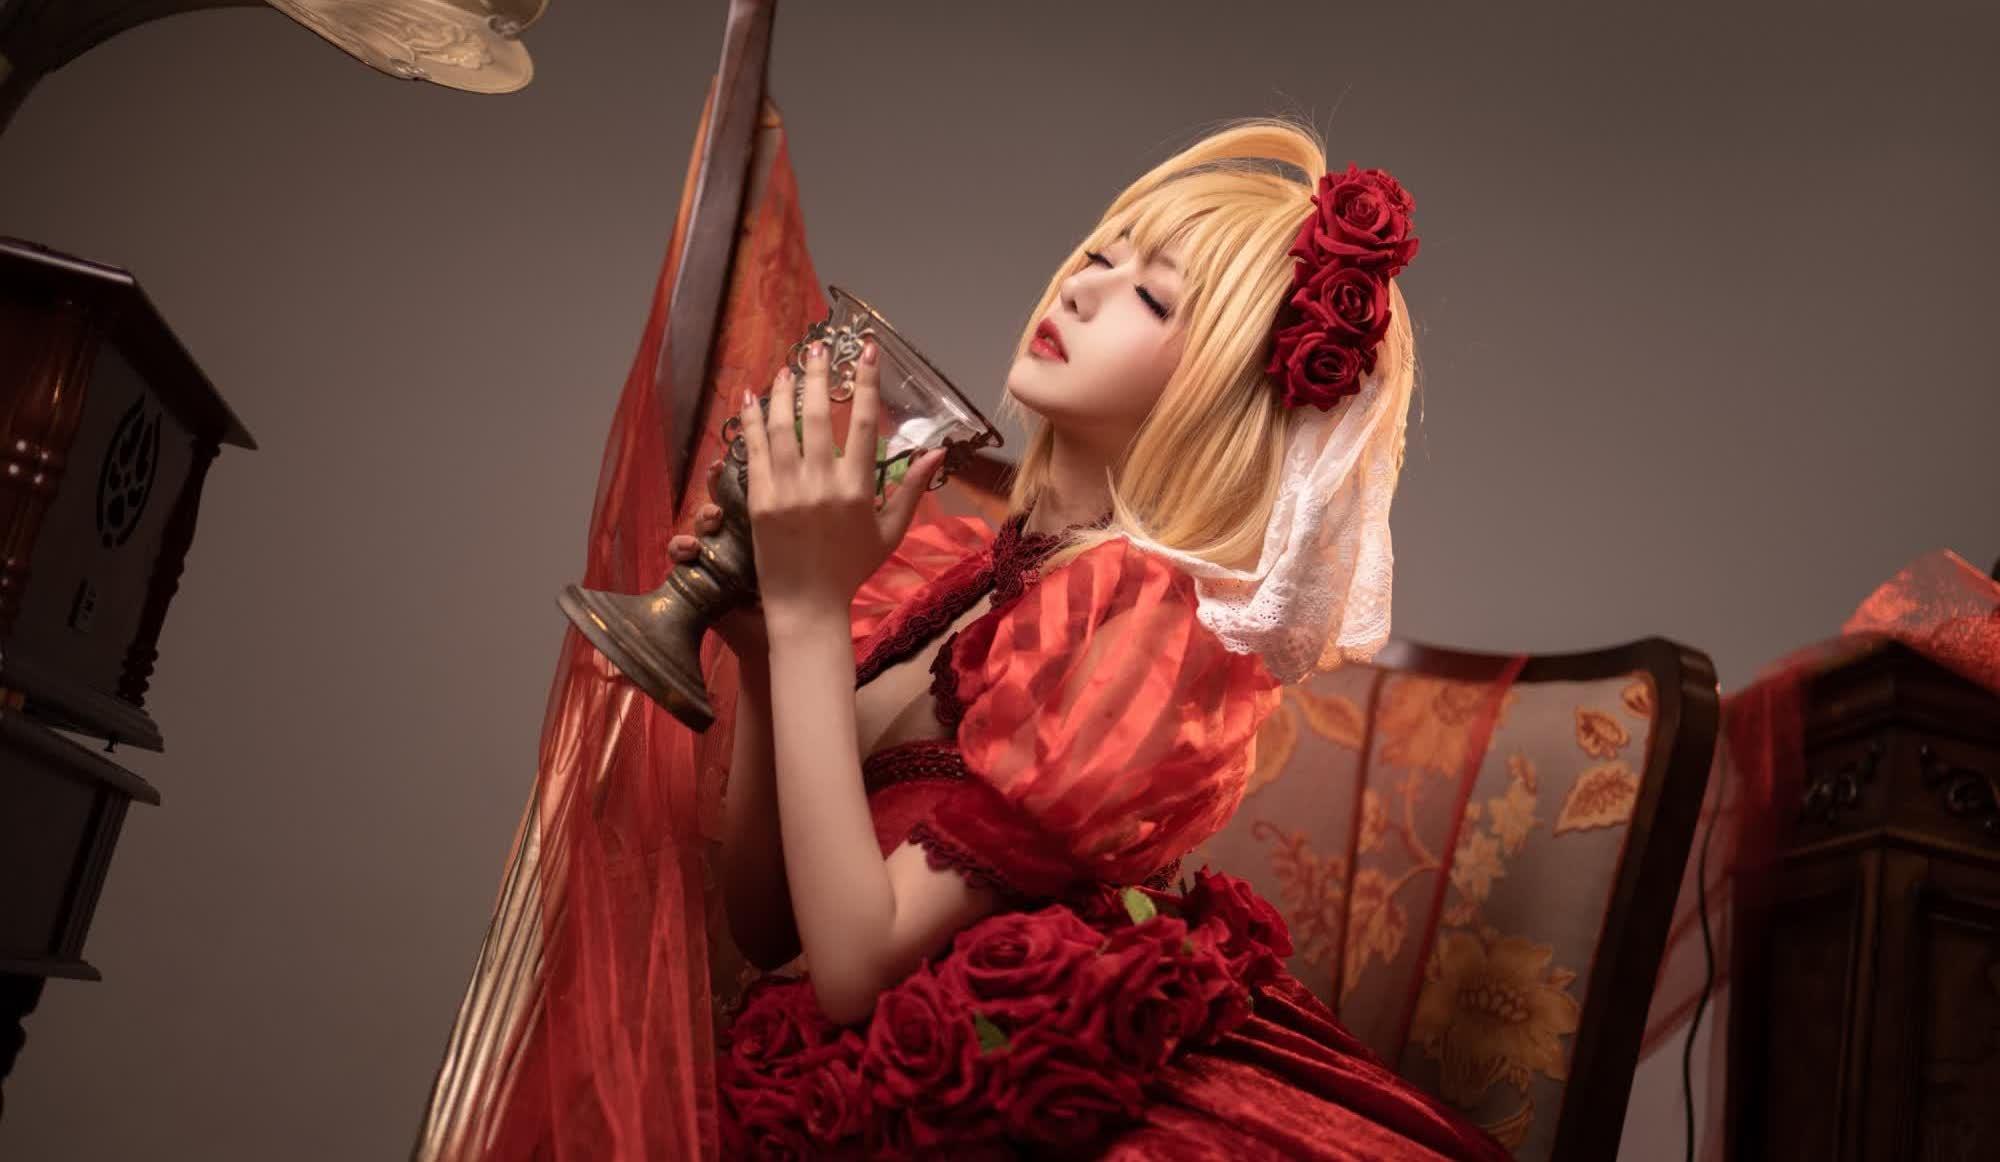 Shika小鹿鹿《玉玲珑 尼禄礼服》【24张图】